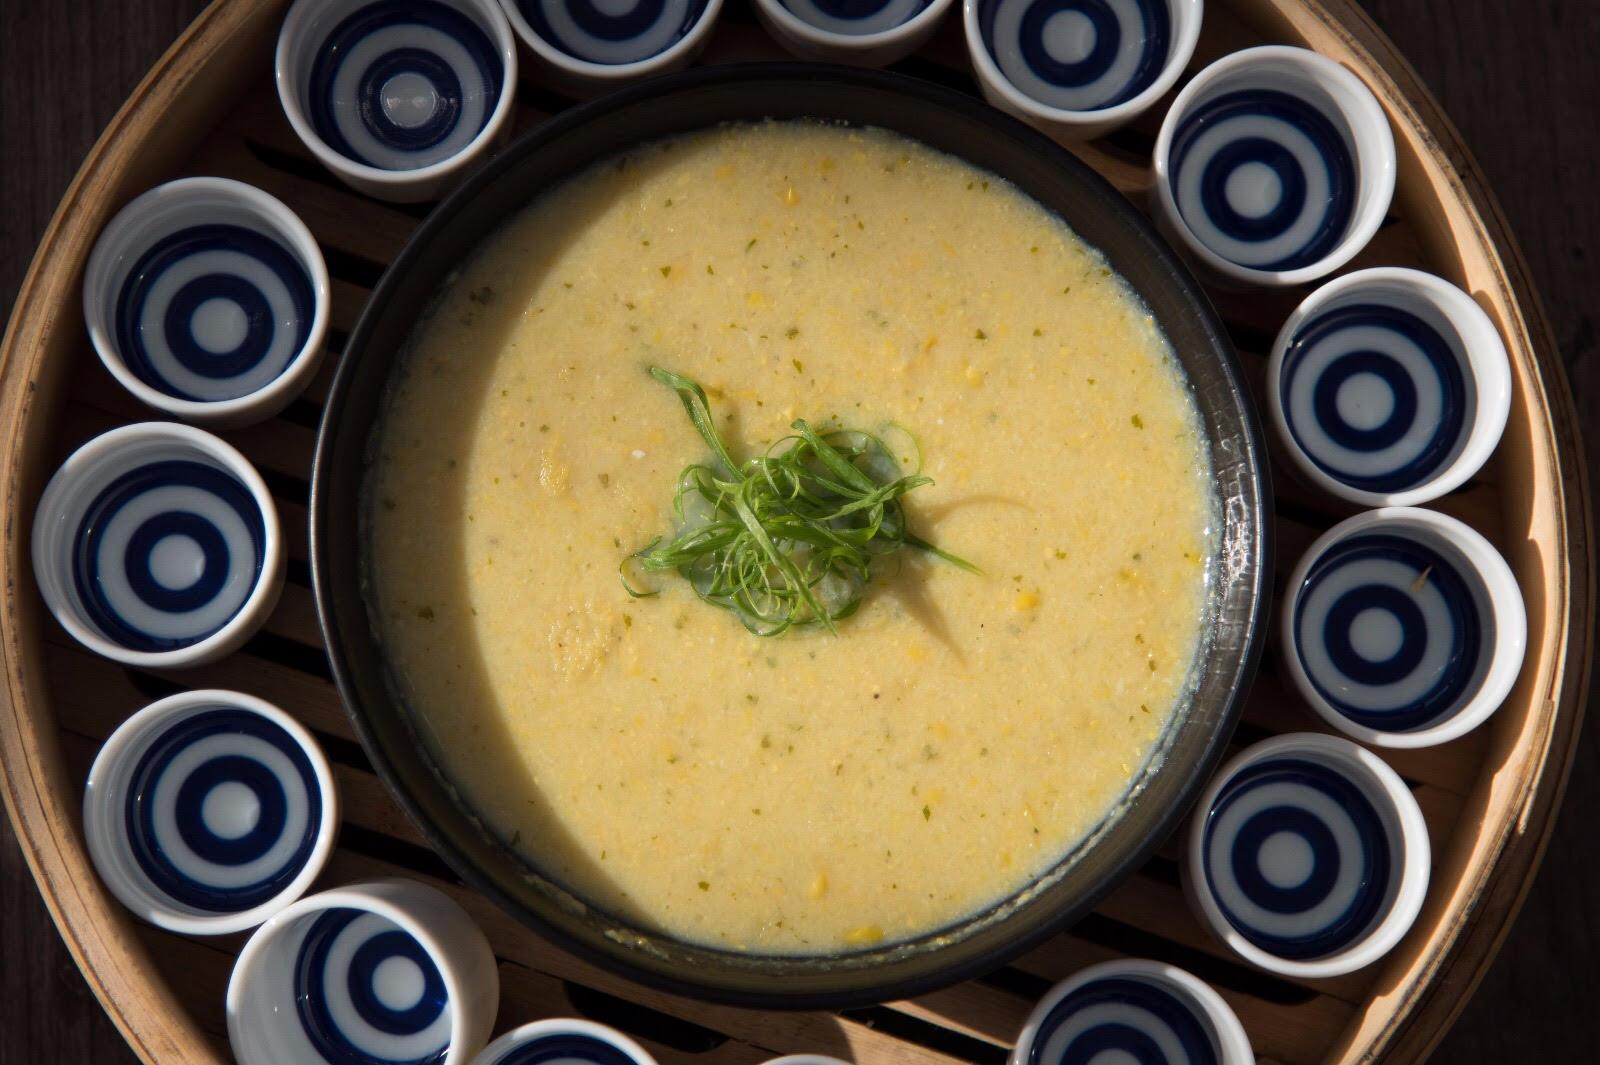 מרס תירס של מסעדת טאיה (צילום: באדיבות המקום)